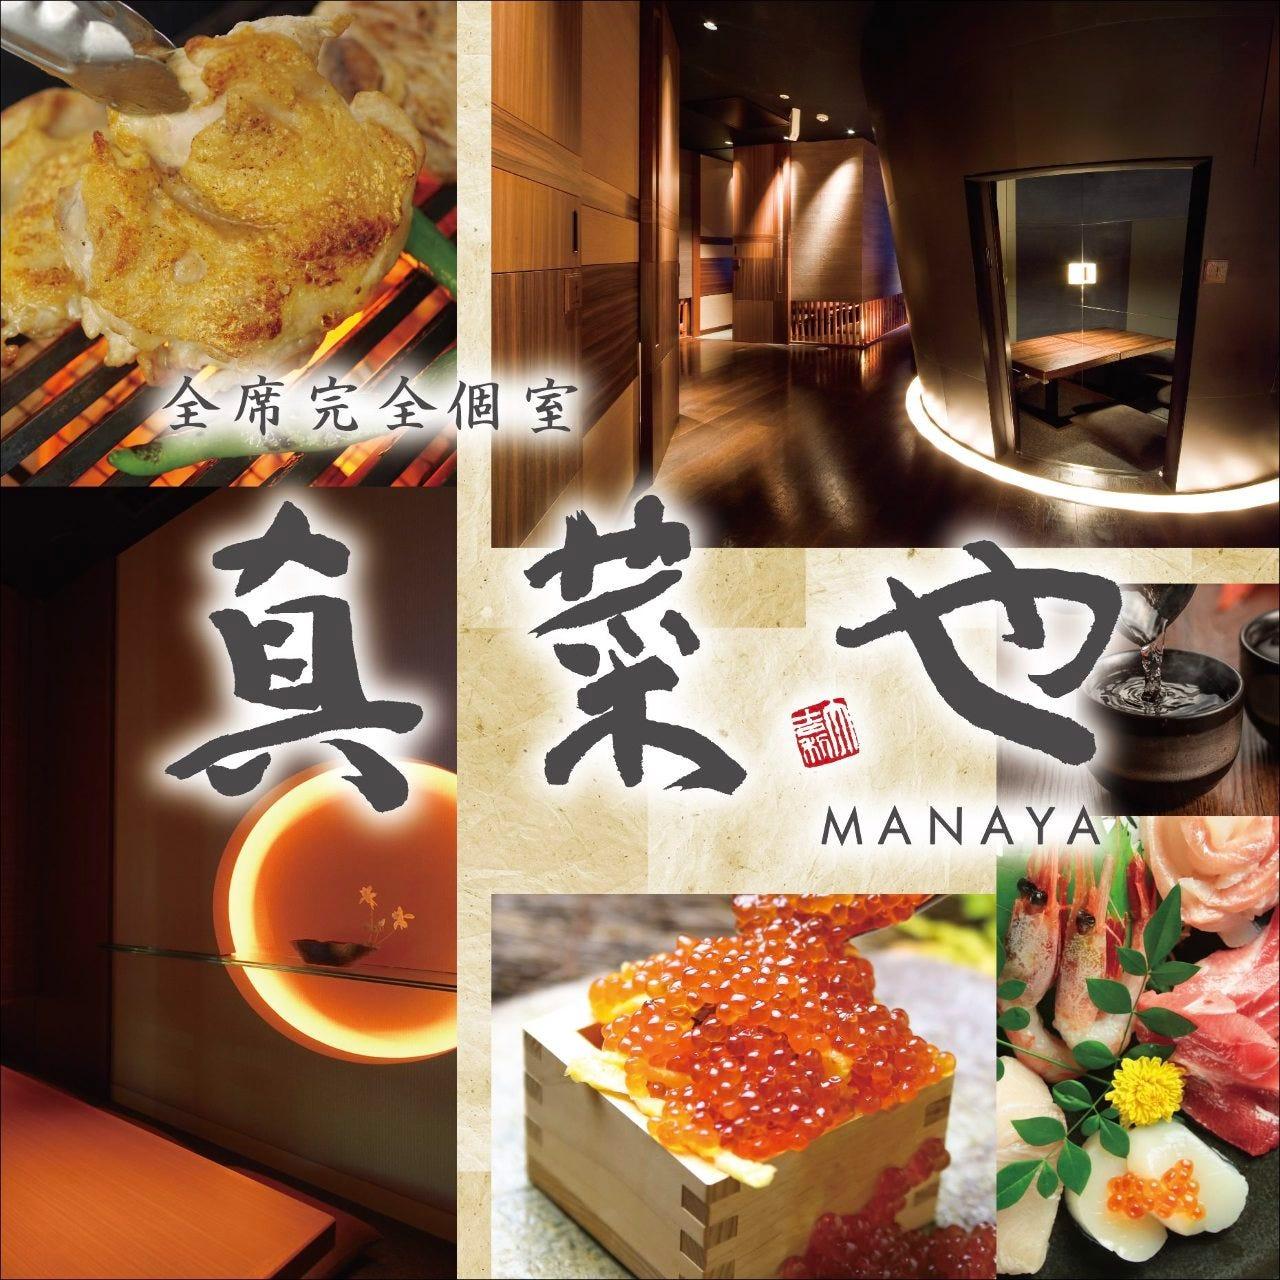 手しごと料理 真菜や 茶屋町店のイメージ写真